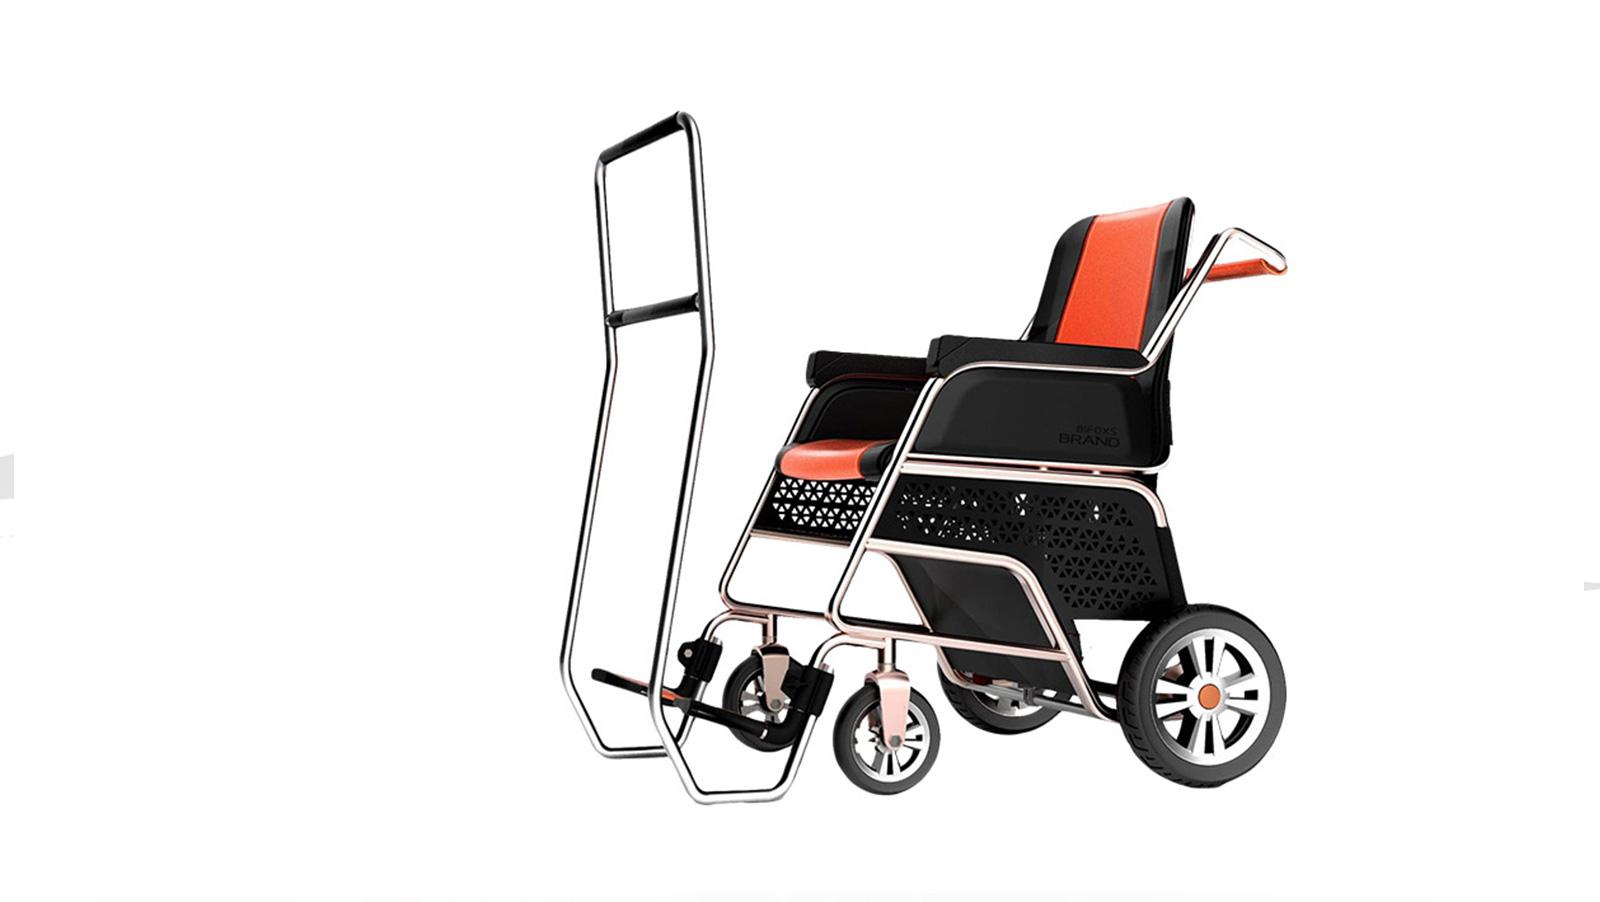 老人产品设计的未来发展趋势将会是怎样的